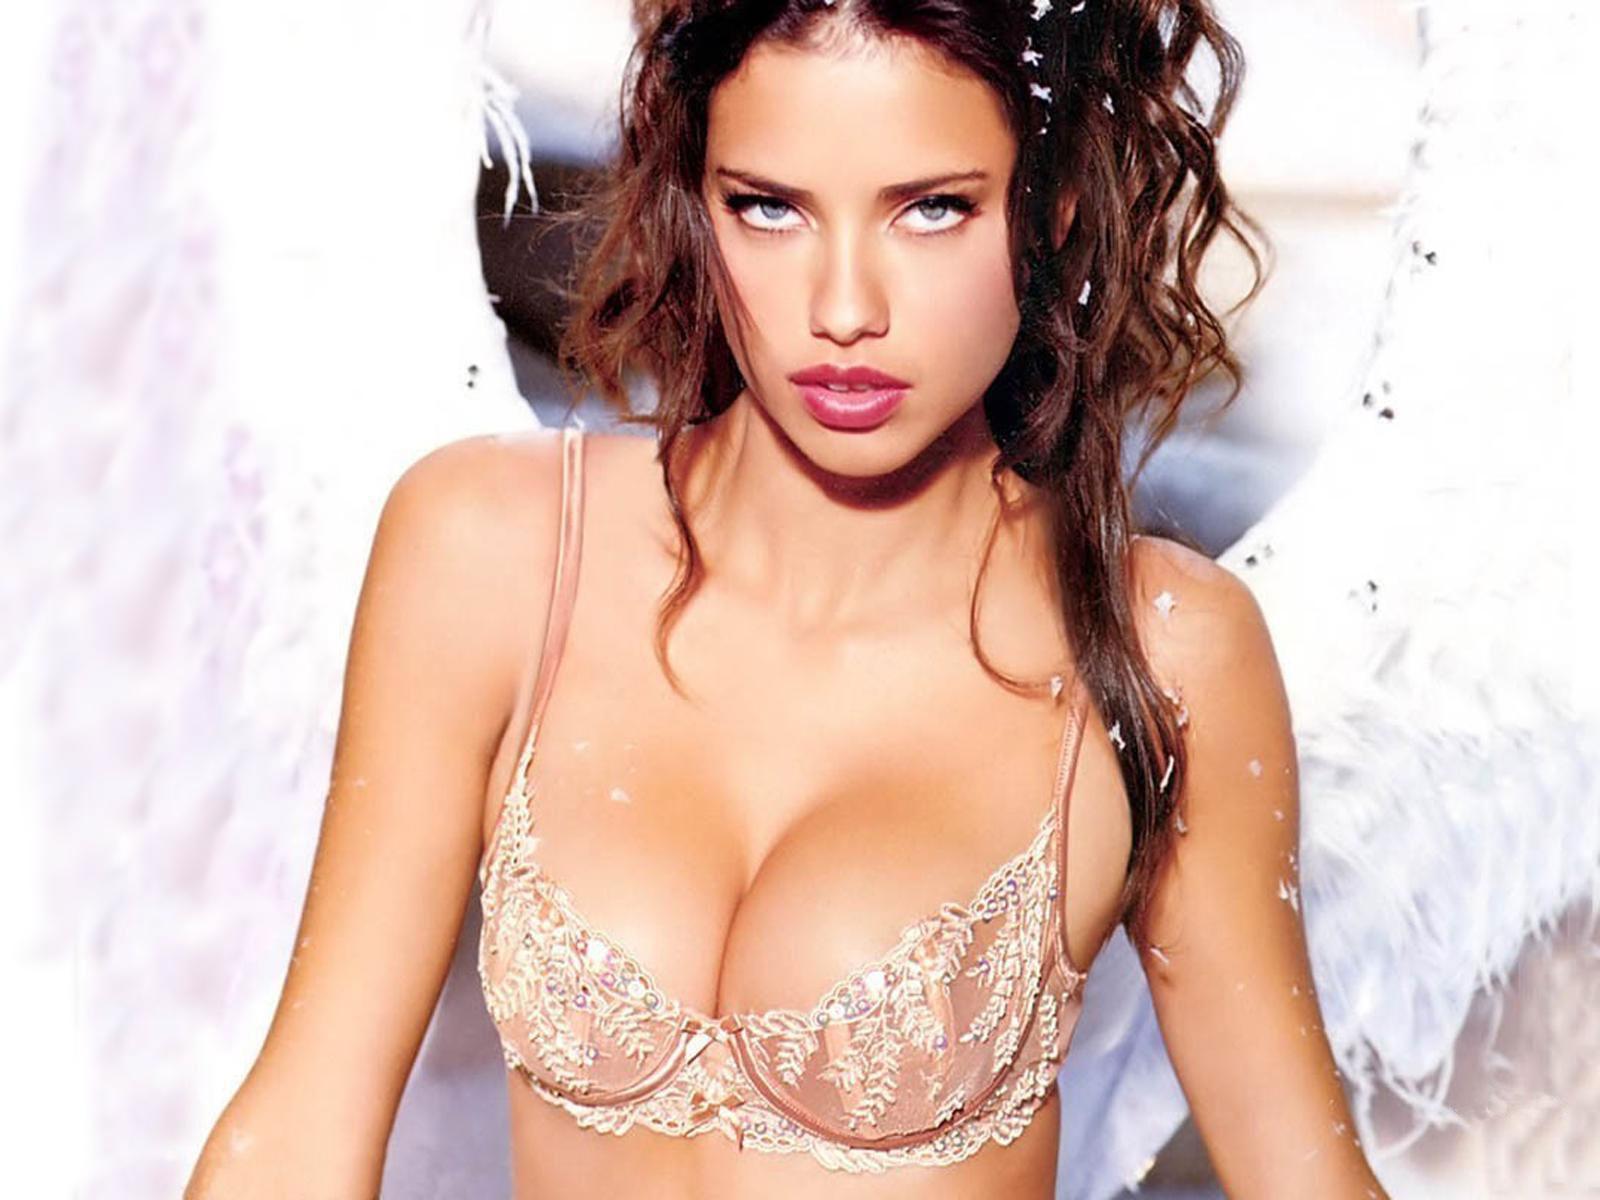 http://3.bp.blogspot.com/-8MwZ-4UpYy8/Tu8gad3cAbI/AAAAAAAAMH8/HulJrv7jub0/s1600/adriana-lima-hot.jpg